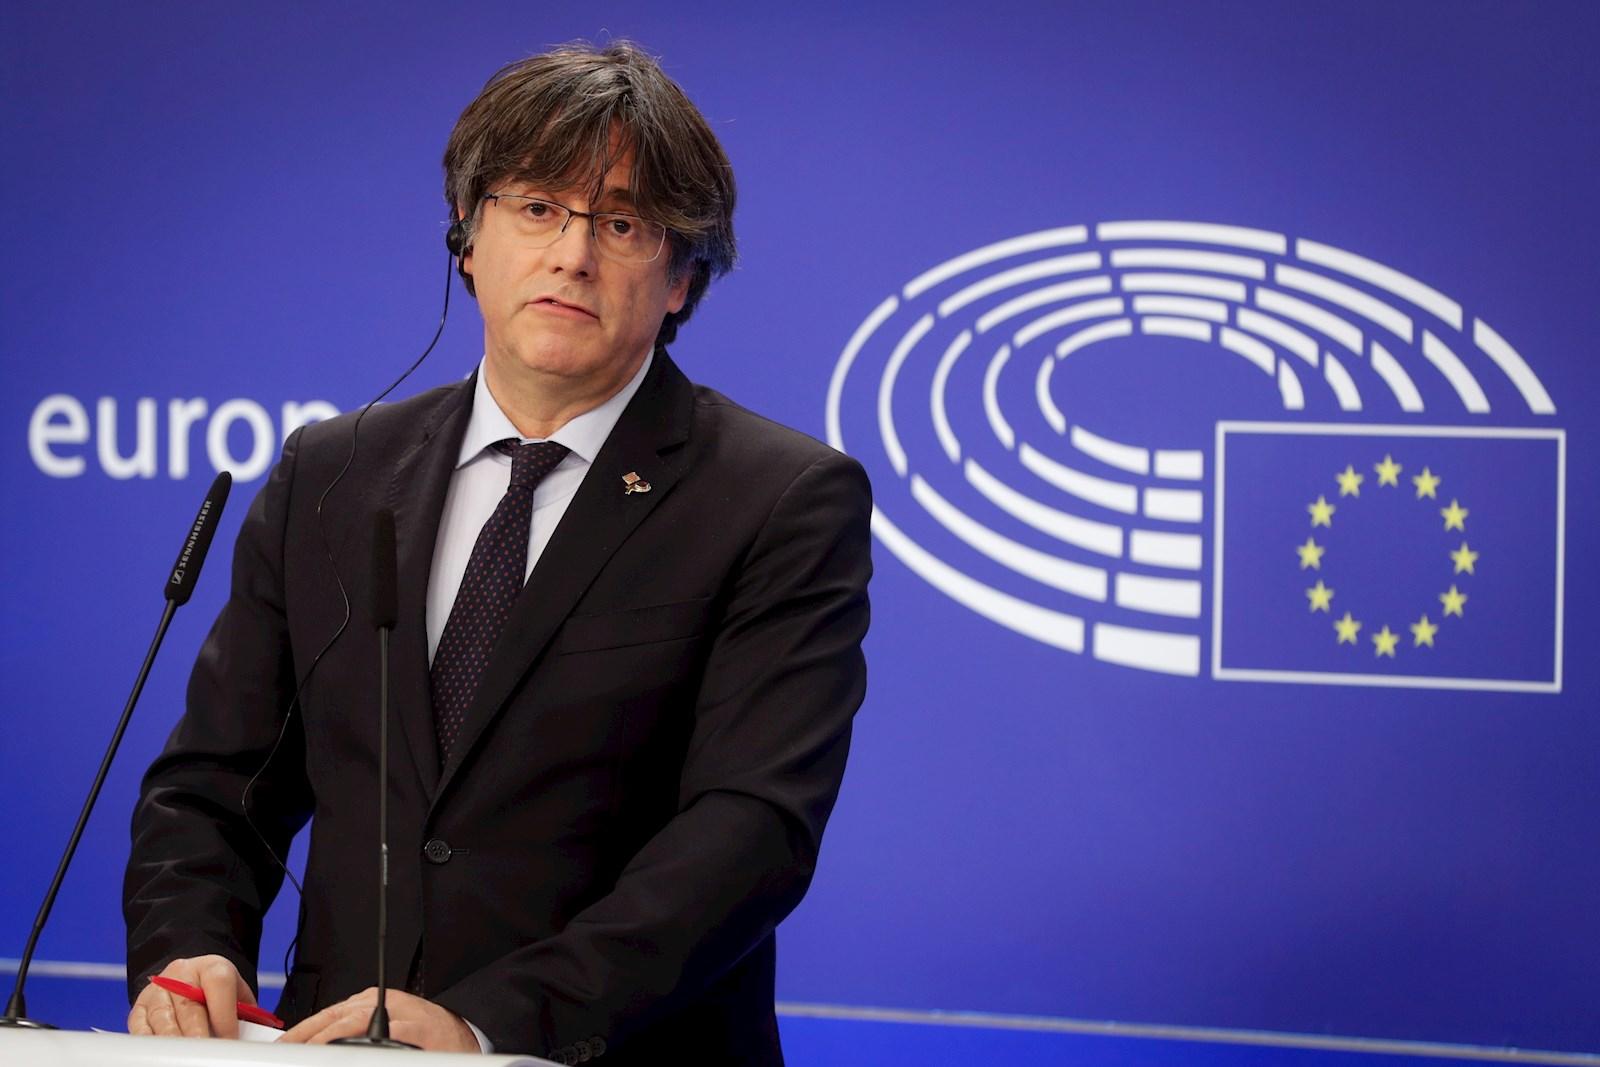 El expresidente catalán y actual eurodiputado, Carles Puigdemont, durante una rueda de prensa tras perder su inmunidad como miembro del Parlamento Europeo, el 9 de marzo de 2021 en Bruselas | EFE/EPA/SL